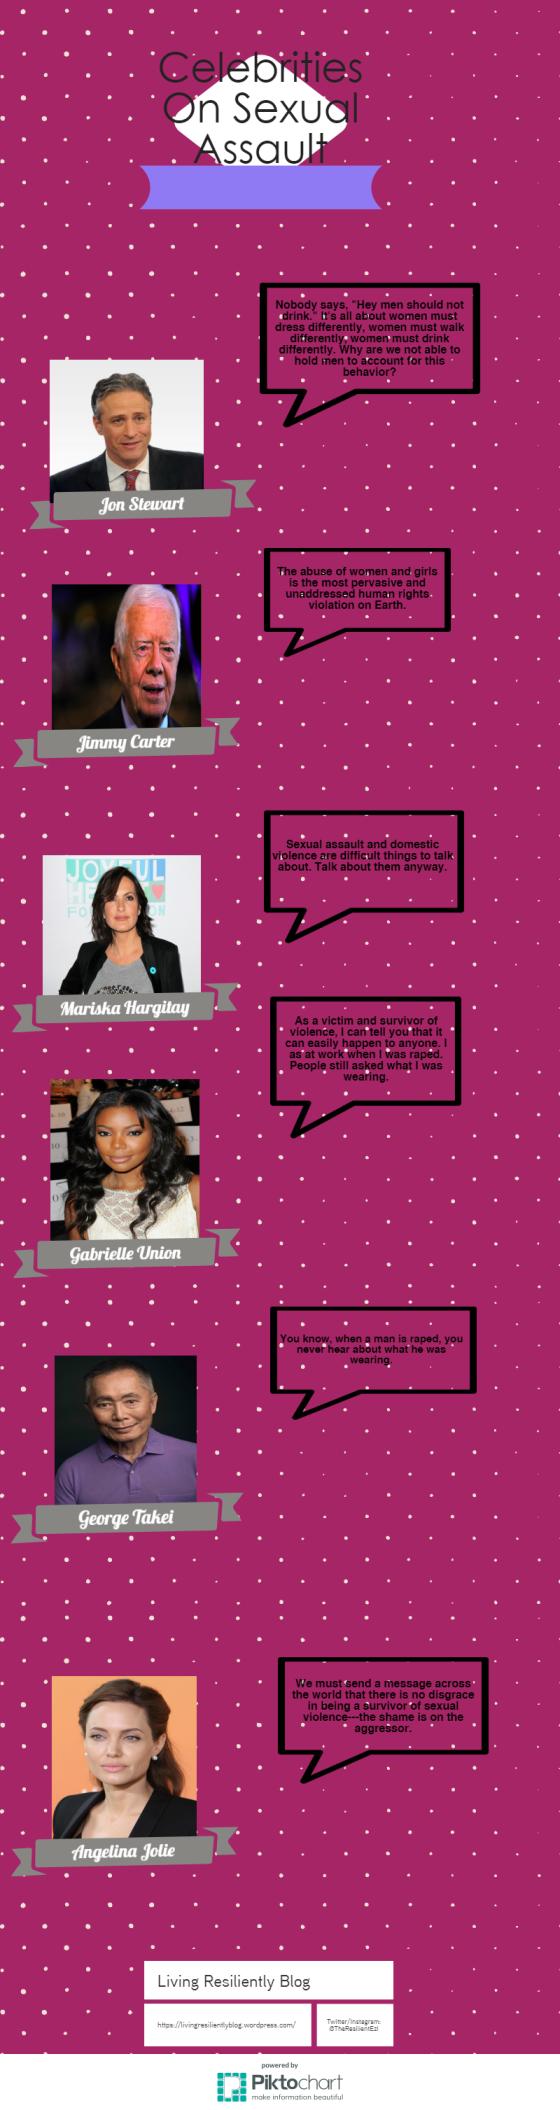 Celebrities on Sexual Assault